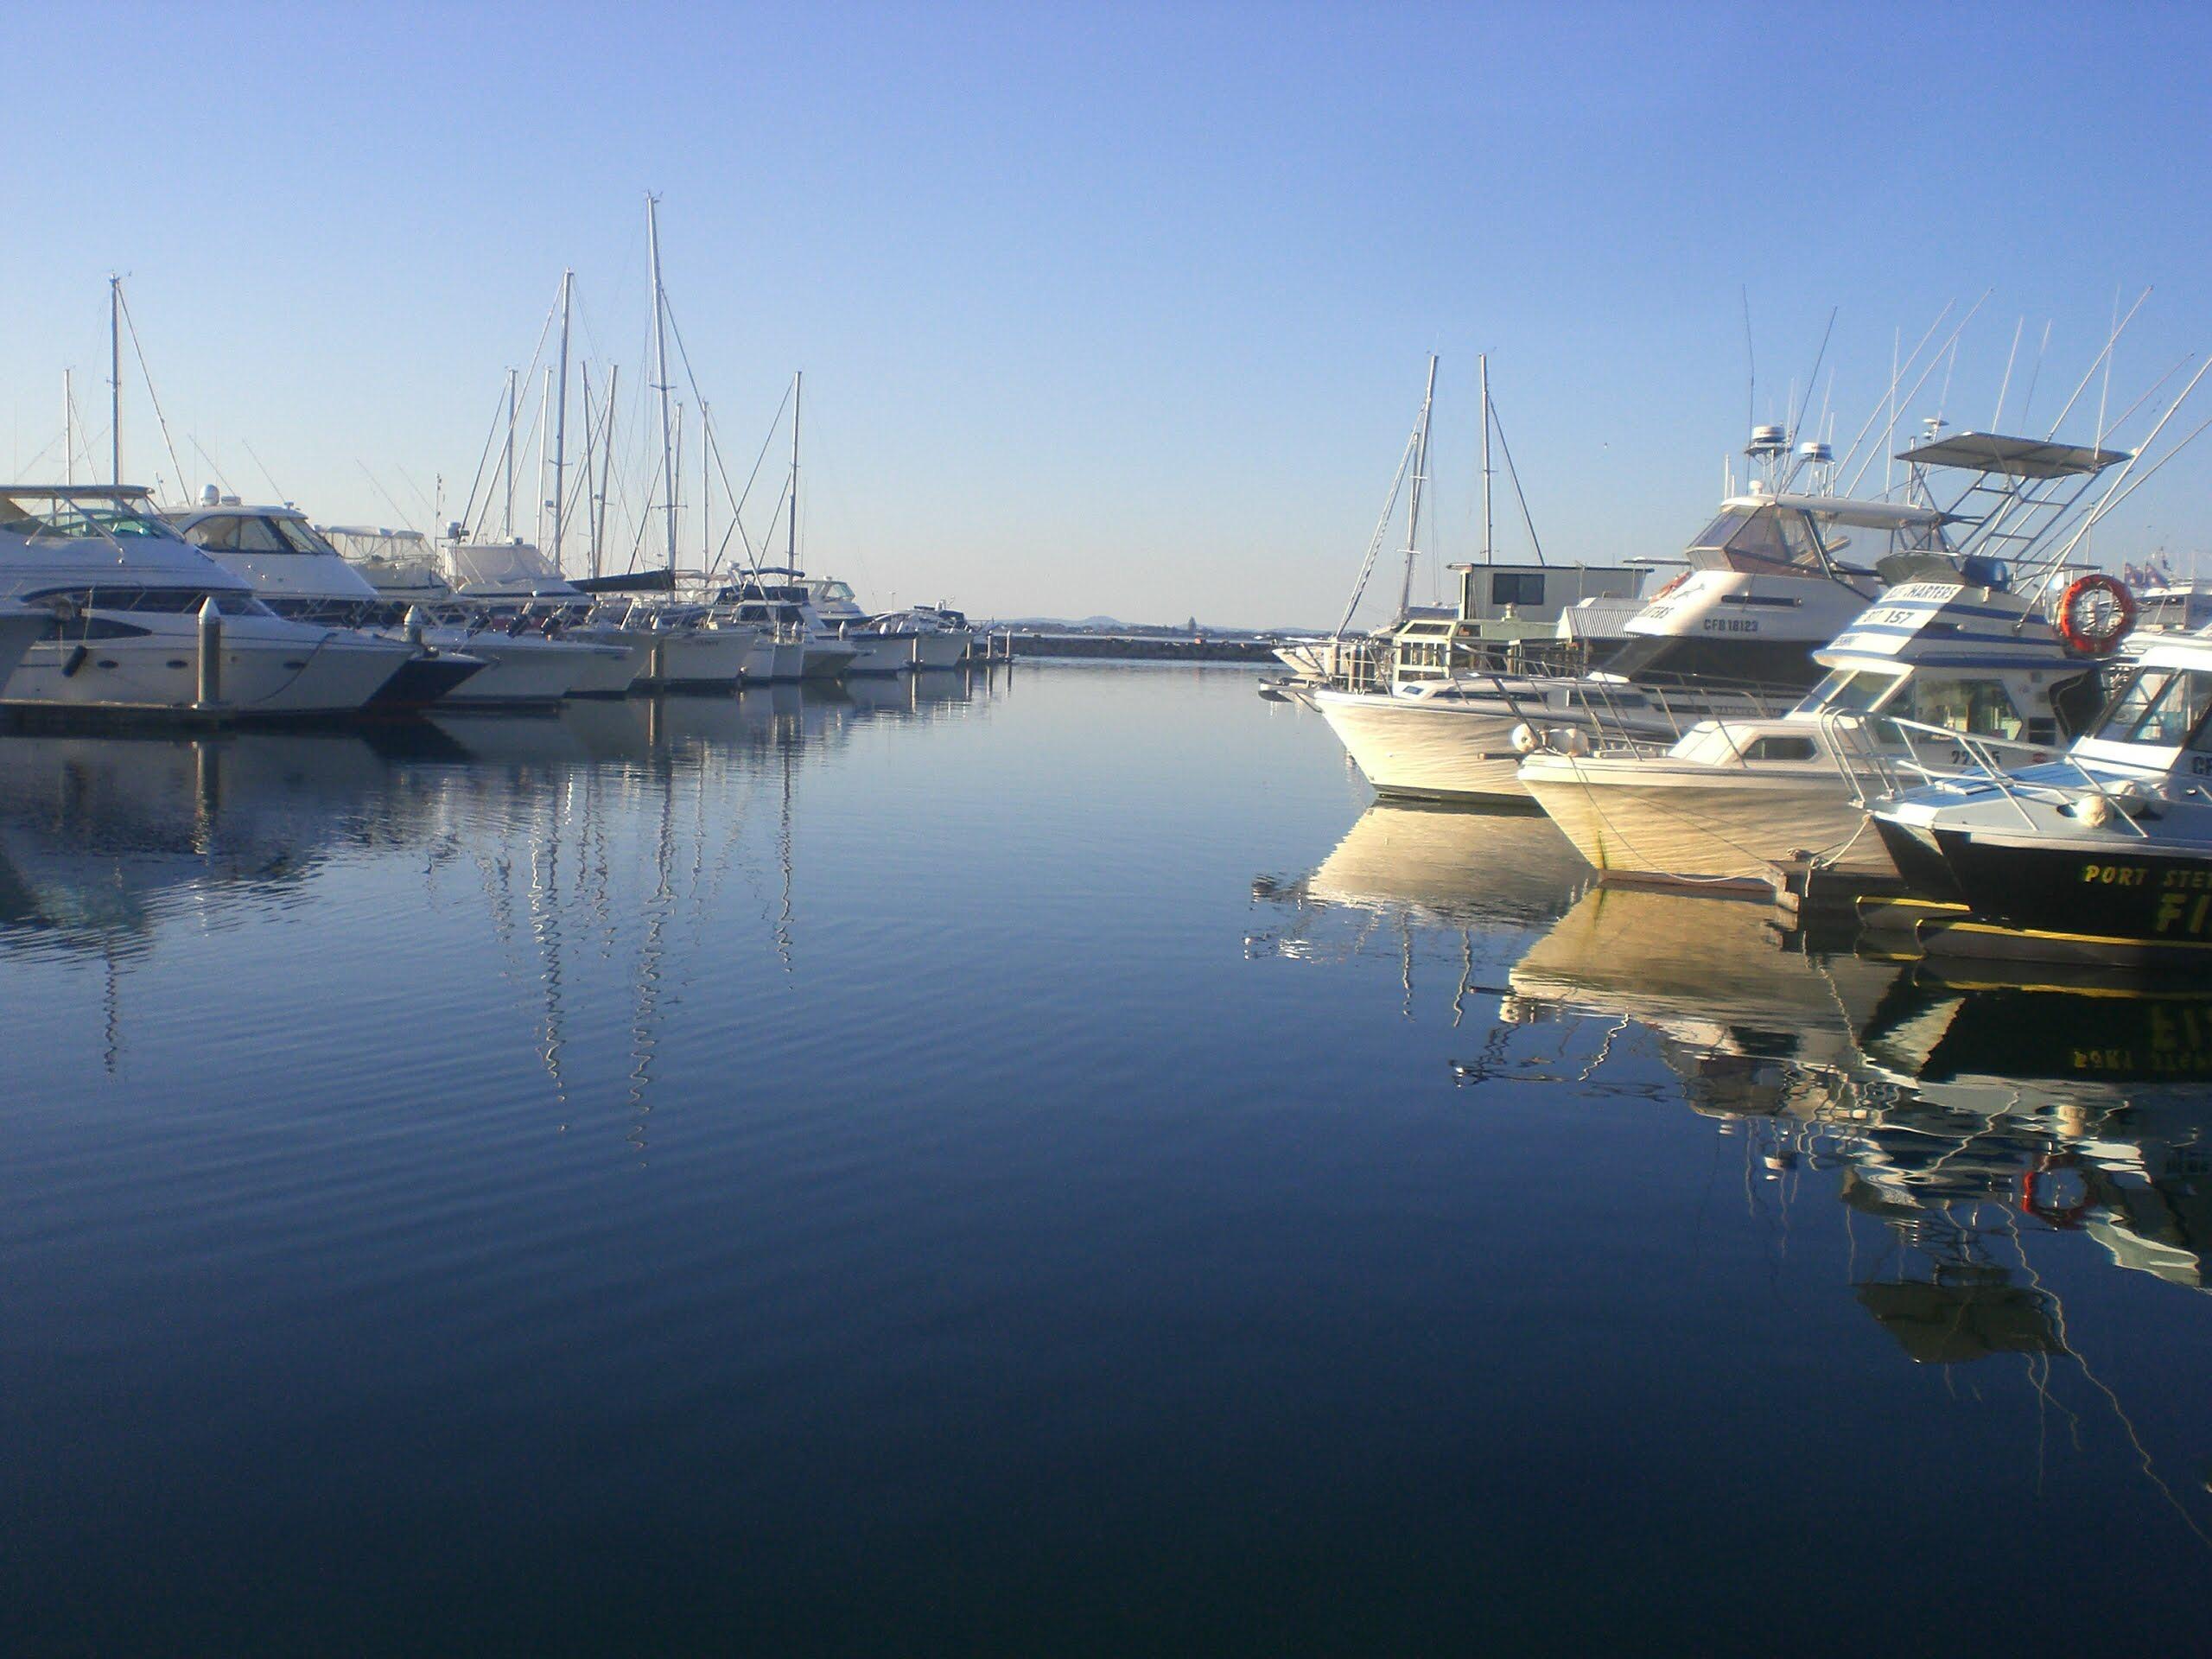 シドニーから約2時間のリゾート地ポートスティーブンス (Port Stephens) の観光